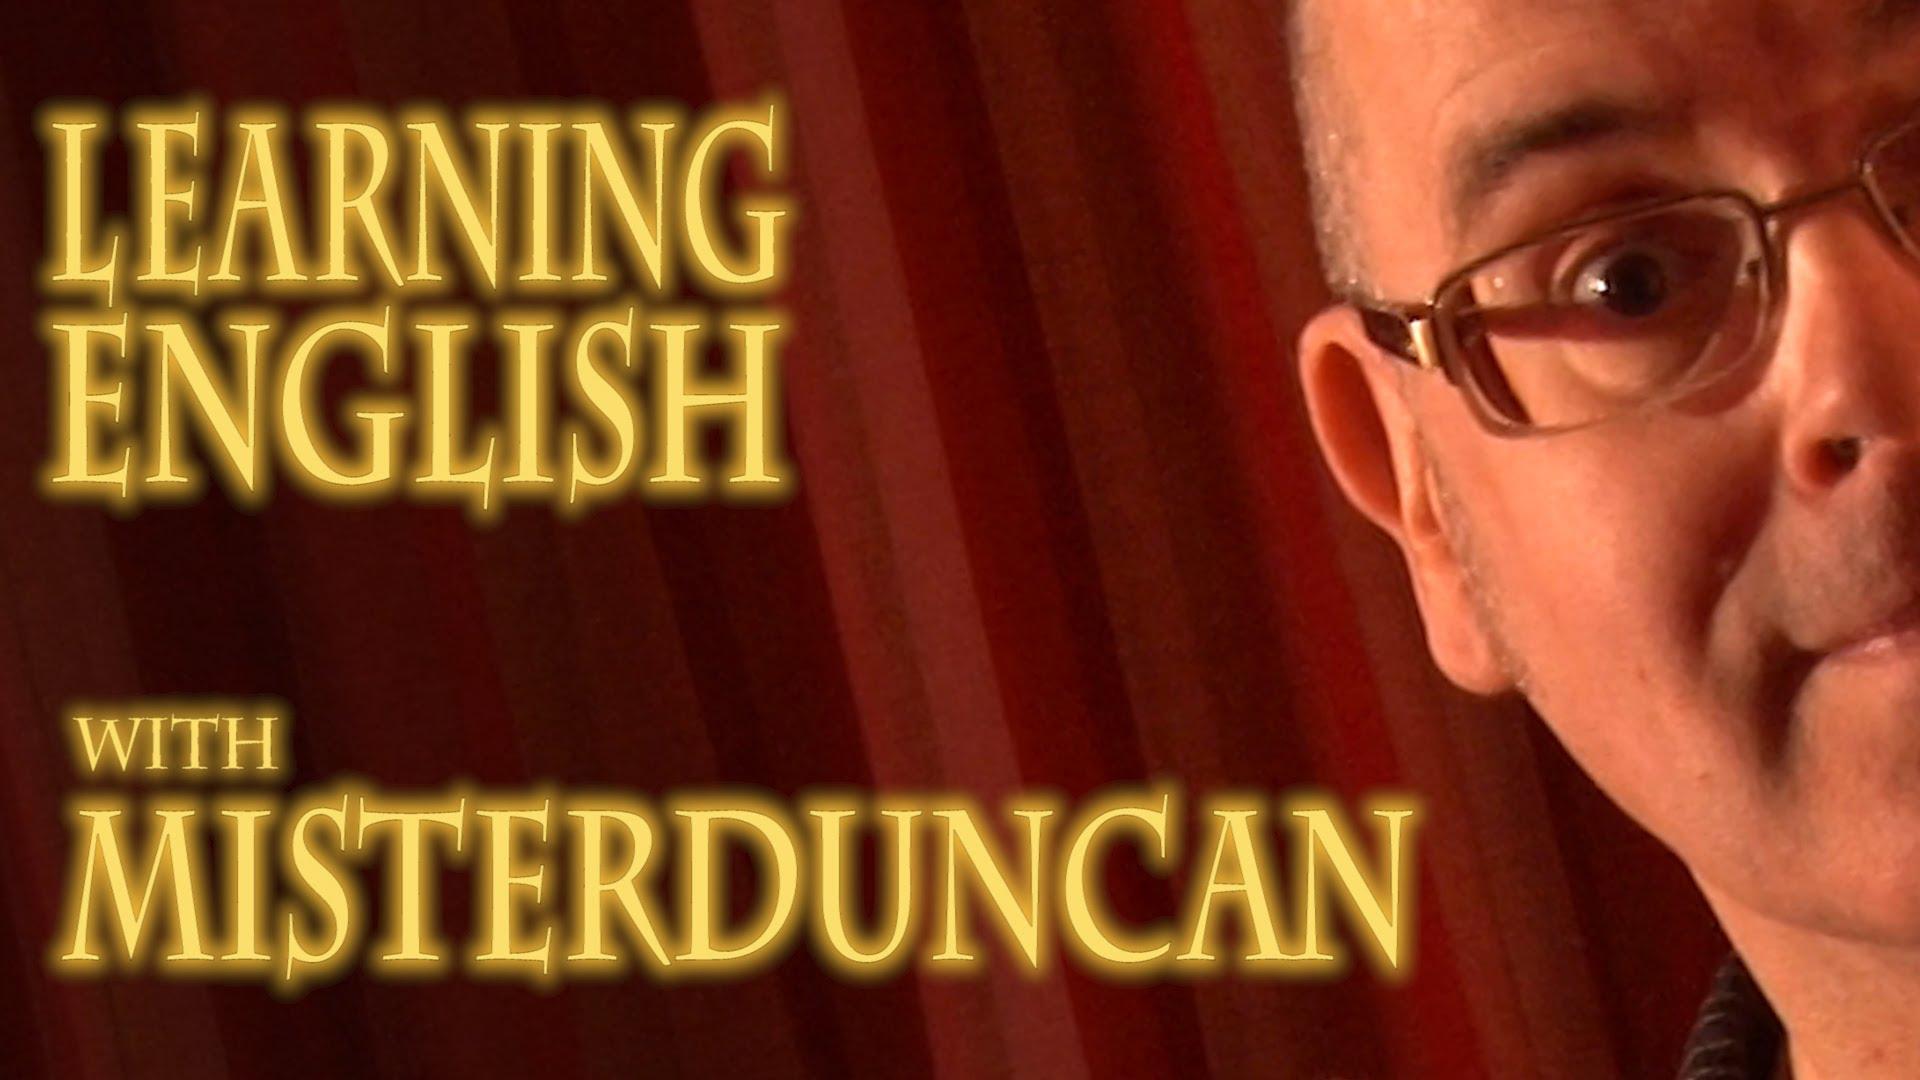 قناة Mr.Duncane لاكتساب اللغة الإنجليزية